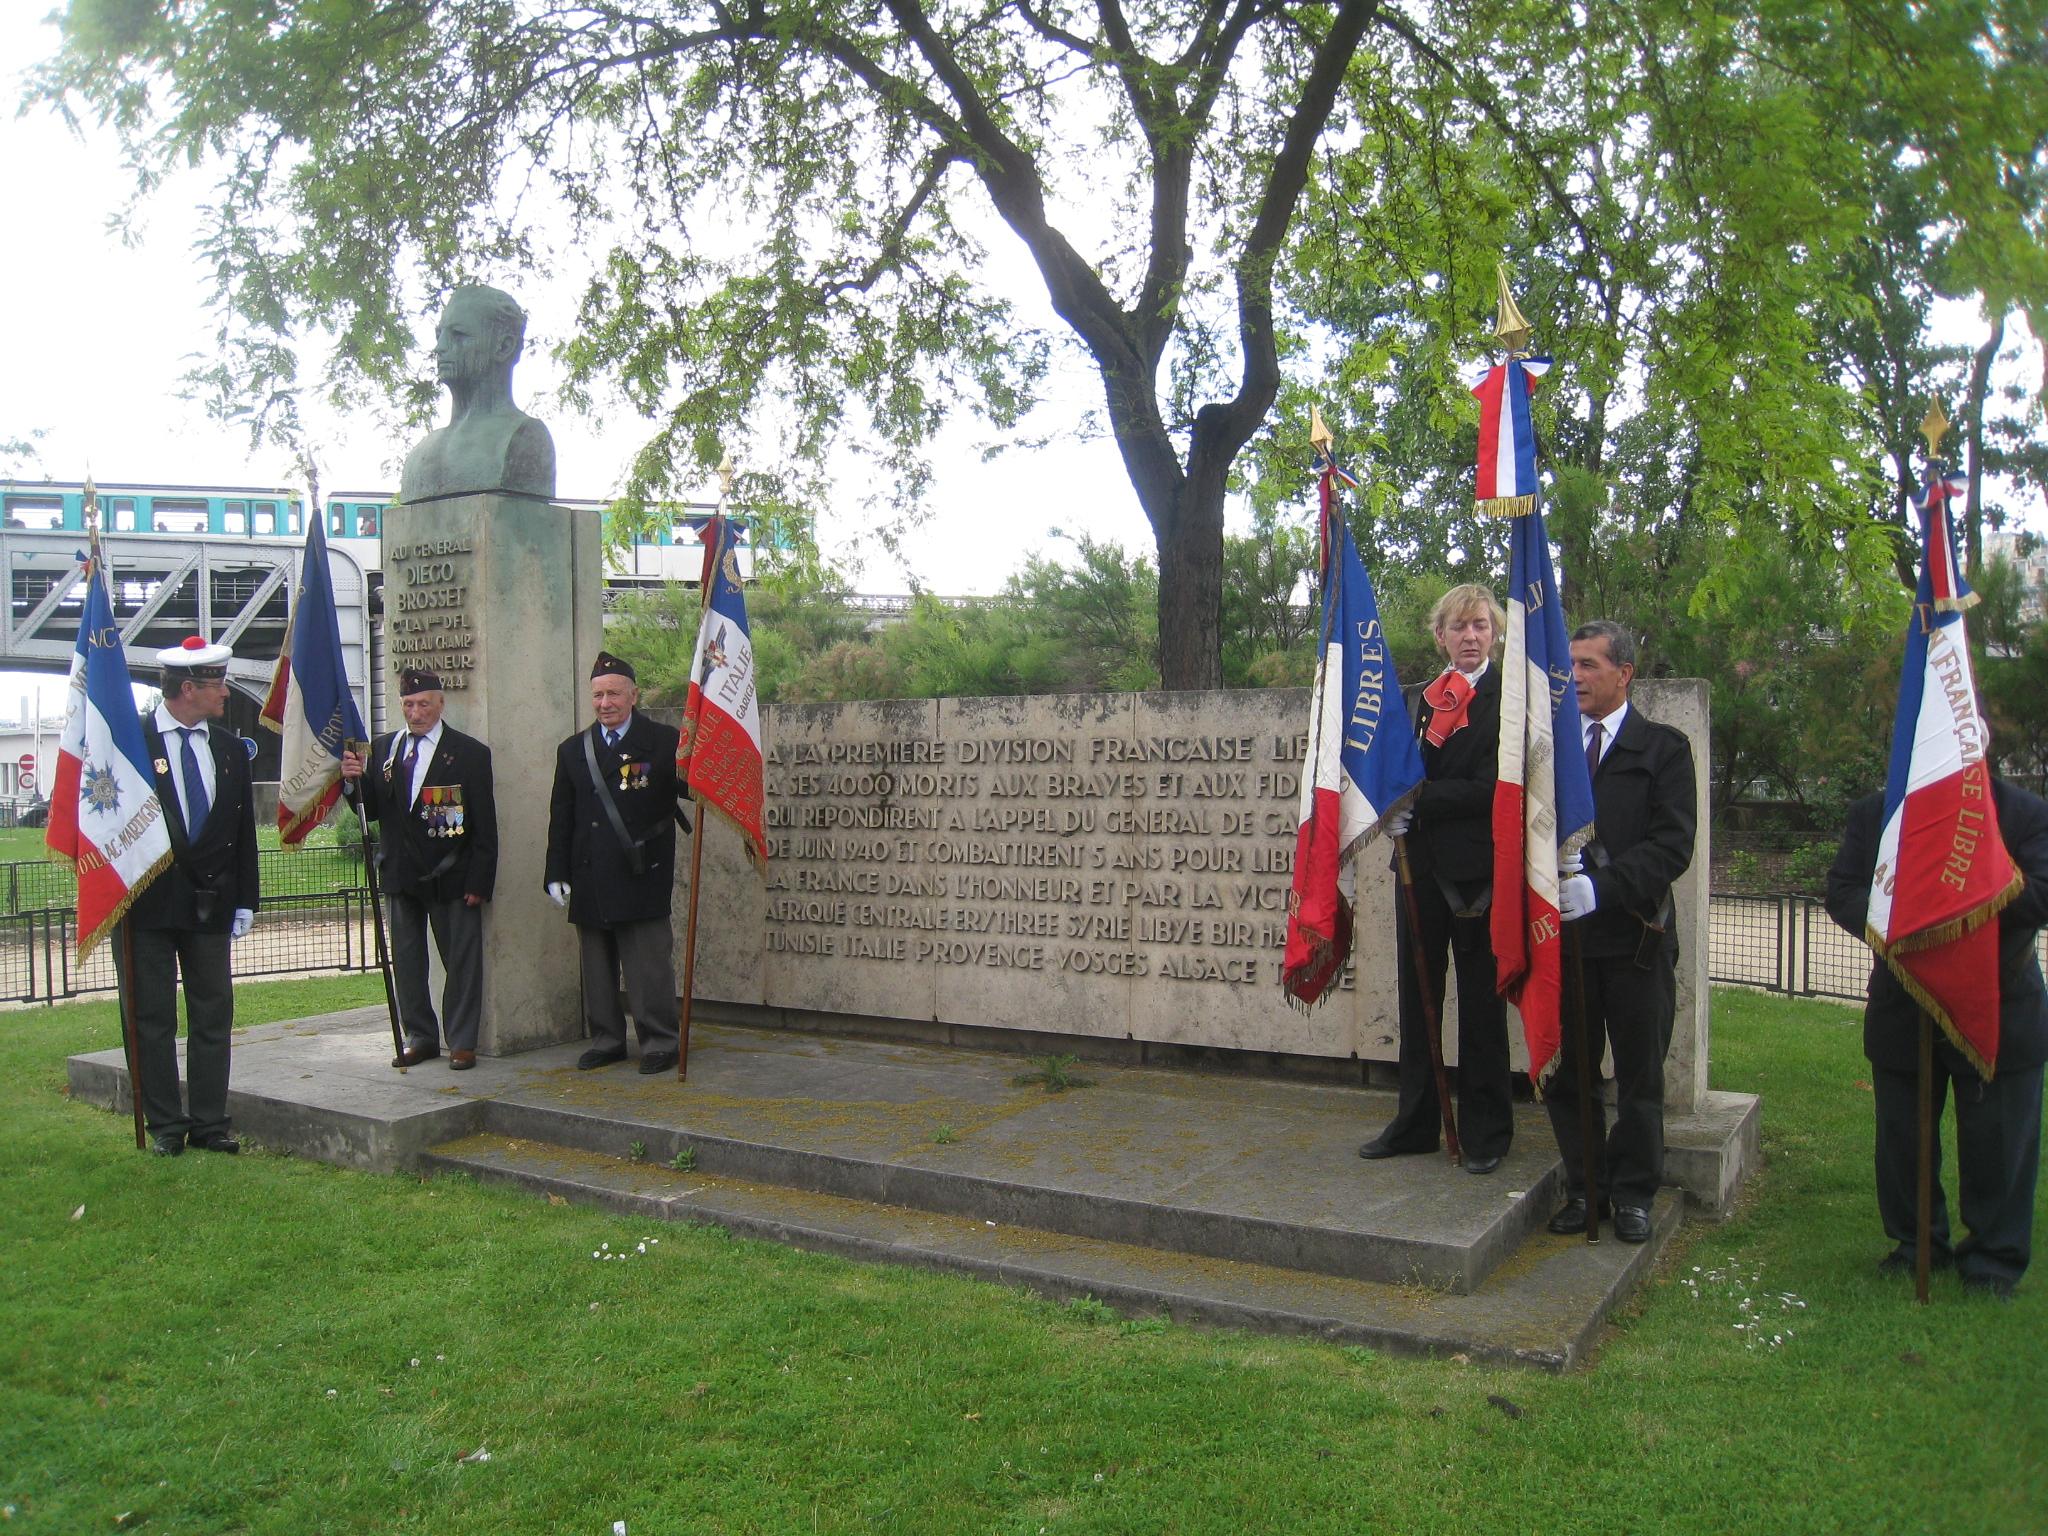 Hommage au général de Gaulle, au général Brosset et aux morts de la France Libre (9 novembre)